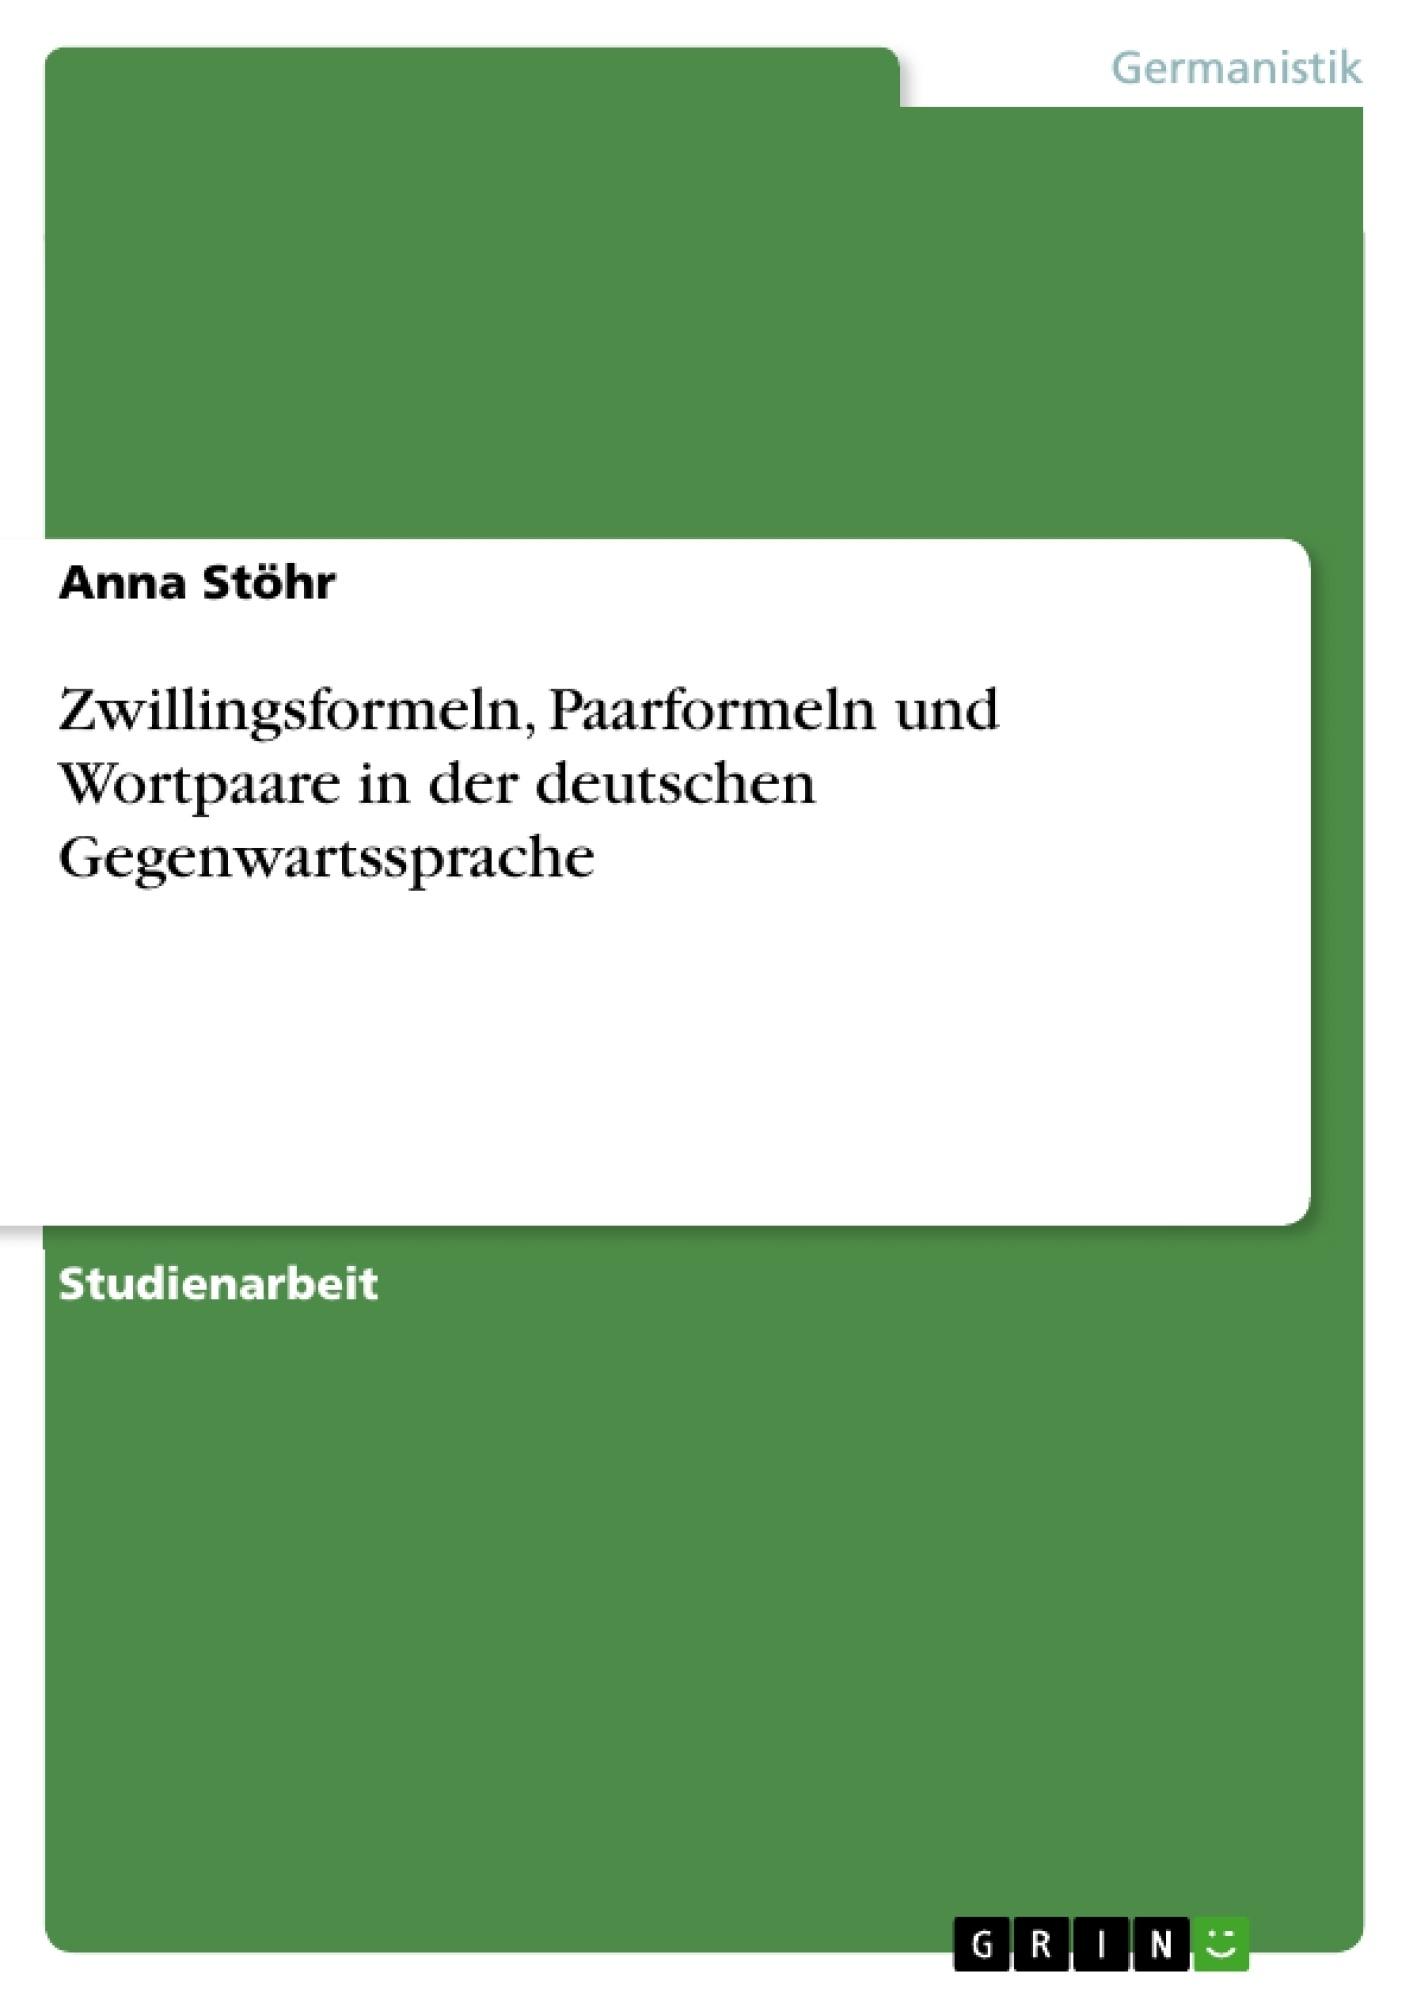 Titel: Zwillingsformeln, Paarformeln und Wortpaare in der deutschen Gegenwartssprache